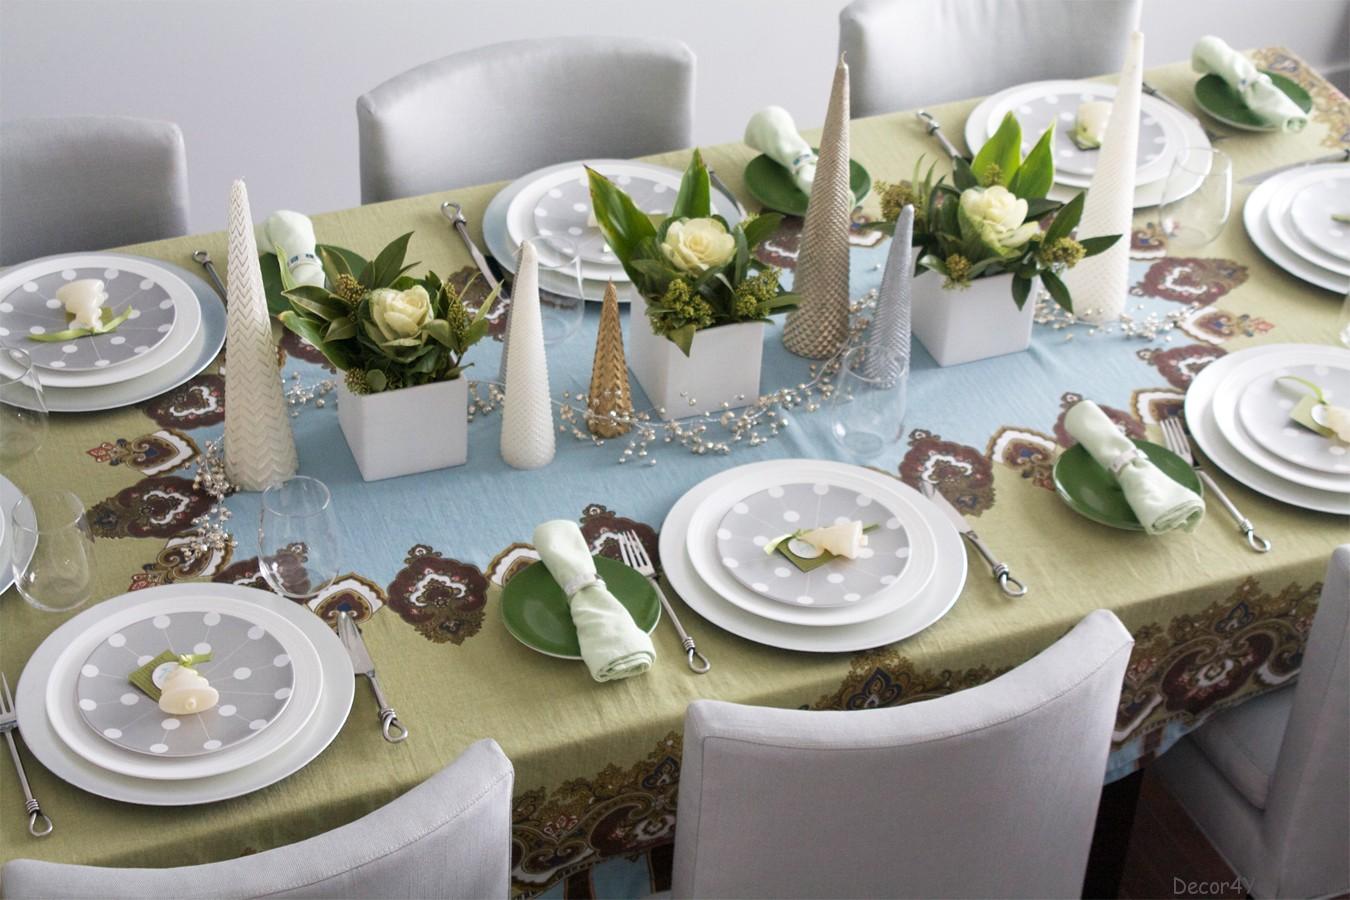 centro de mesa decorado con rboles de navidad y flores